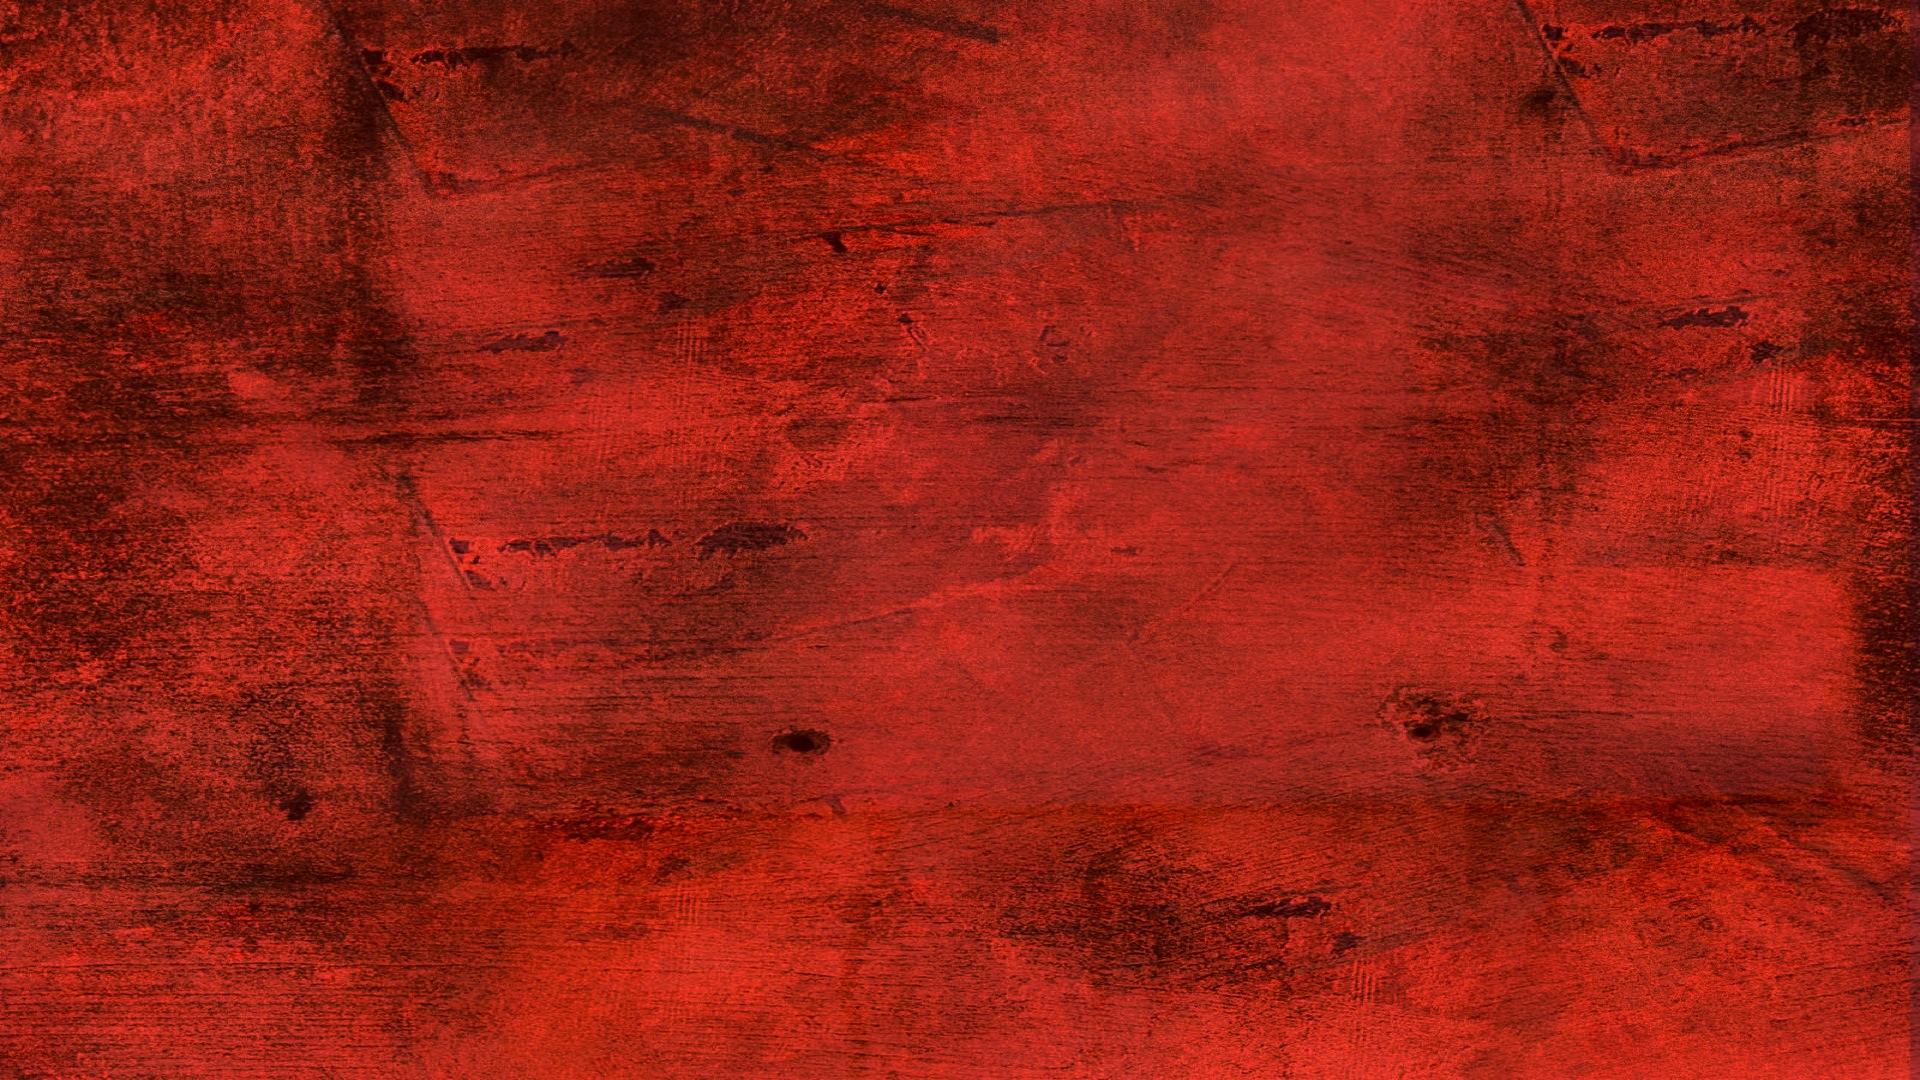 Dark Red Texture Background Textured background images 1920x1080